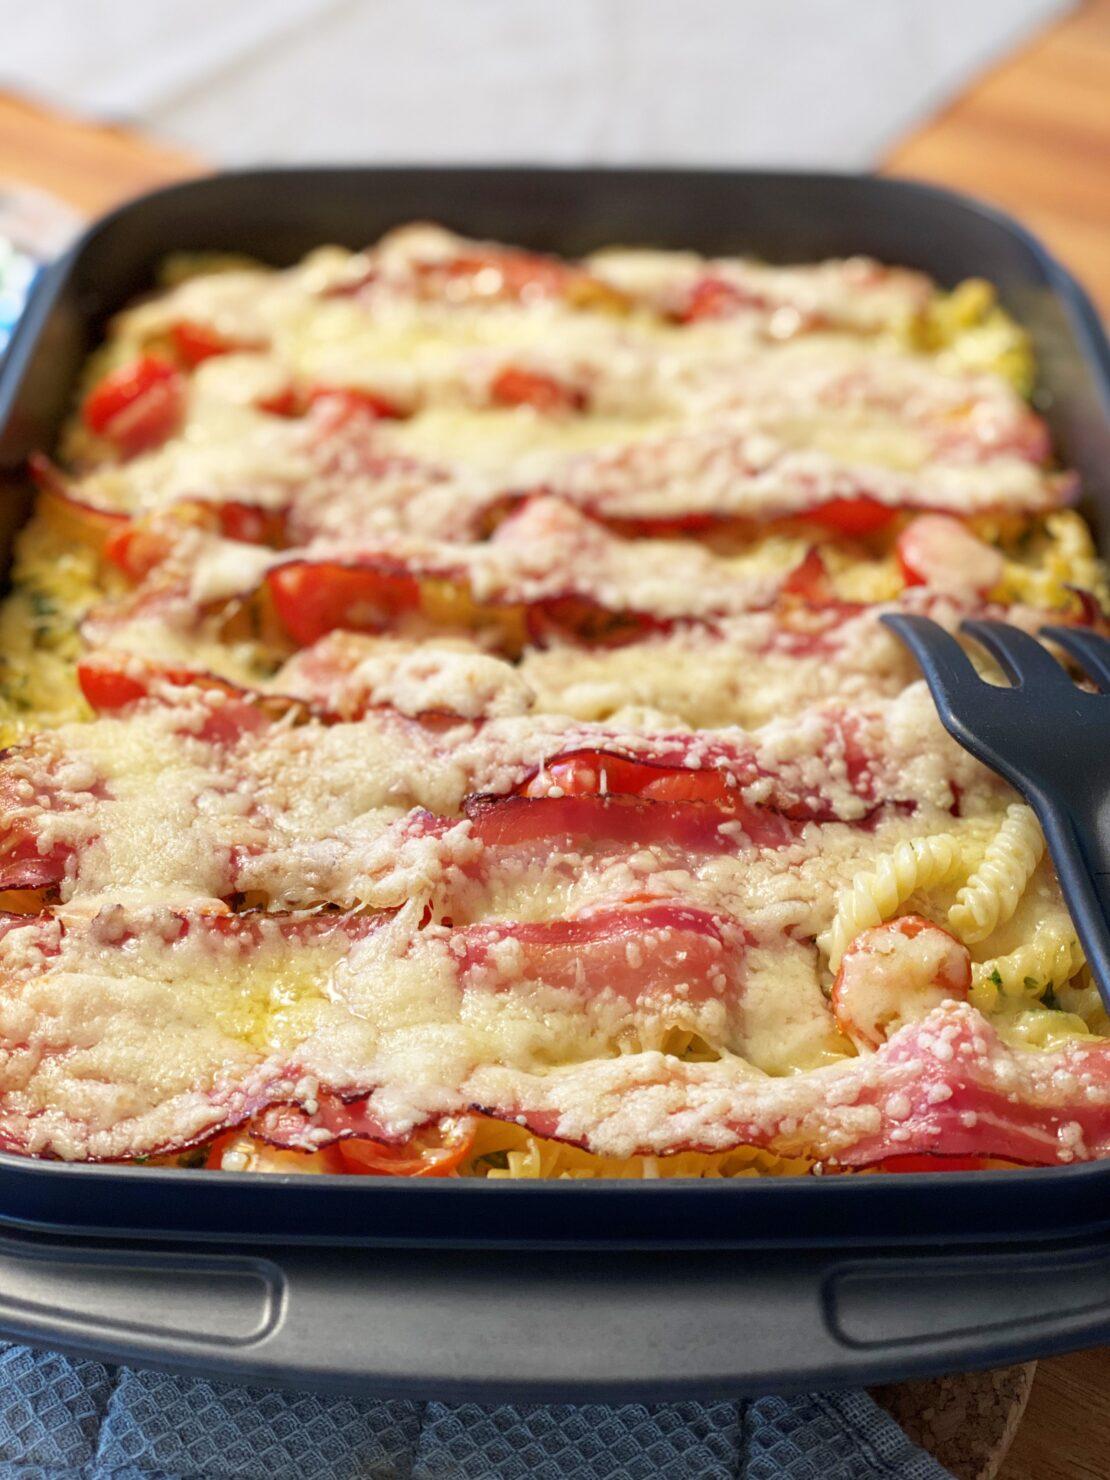 Blitzschnell gemacht: One-Pot-Pasta-Gratin mit Tomaten, Speck und Käse